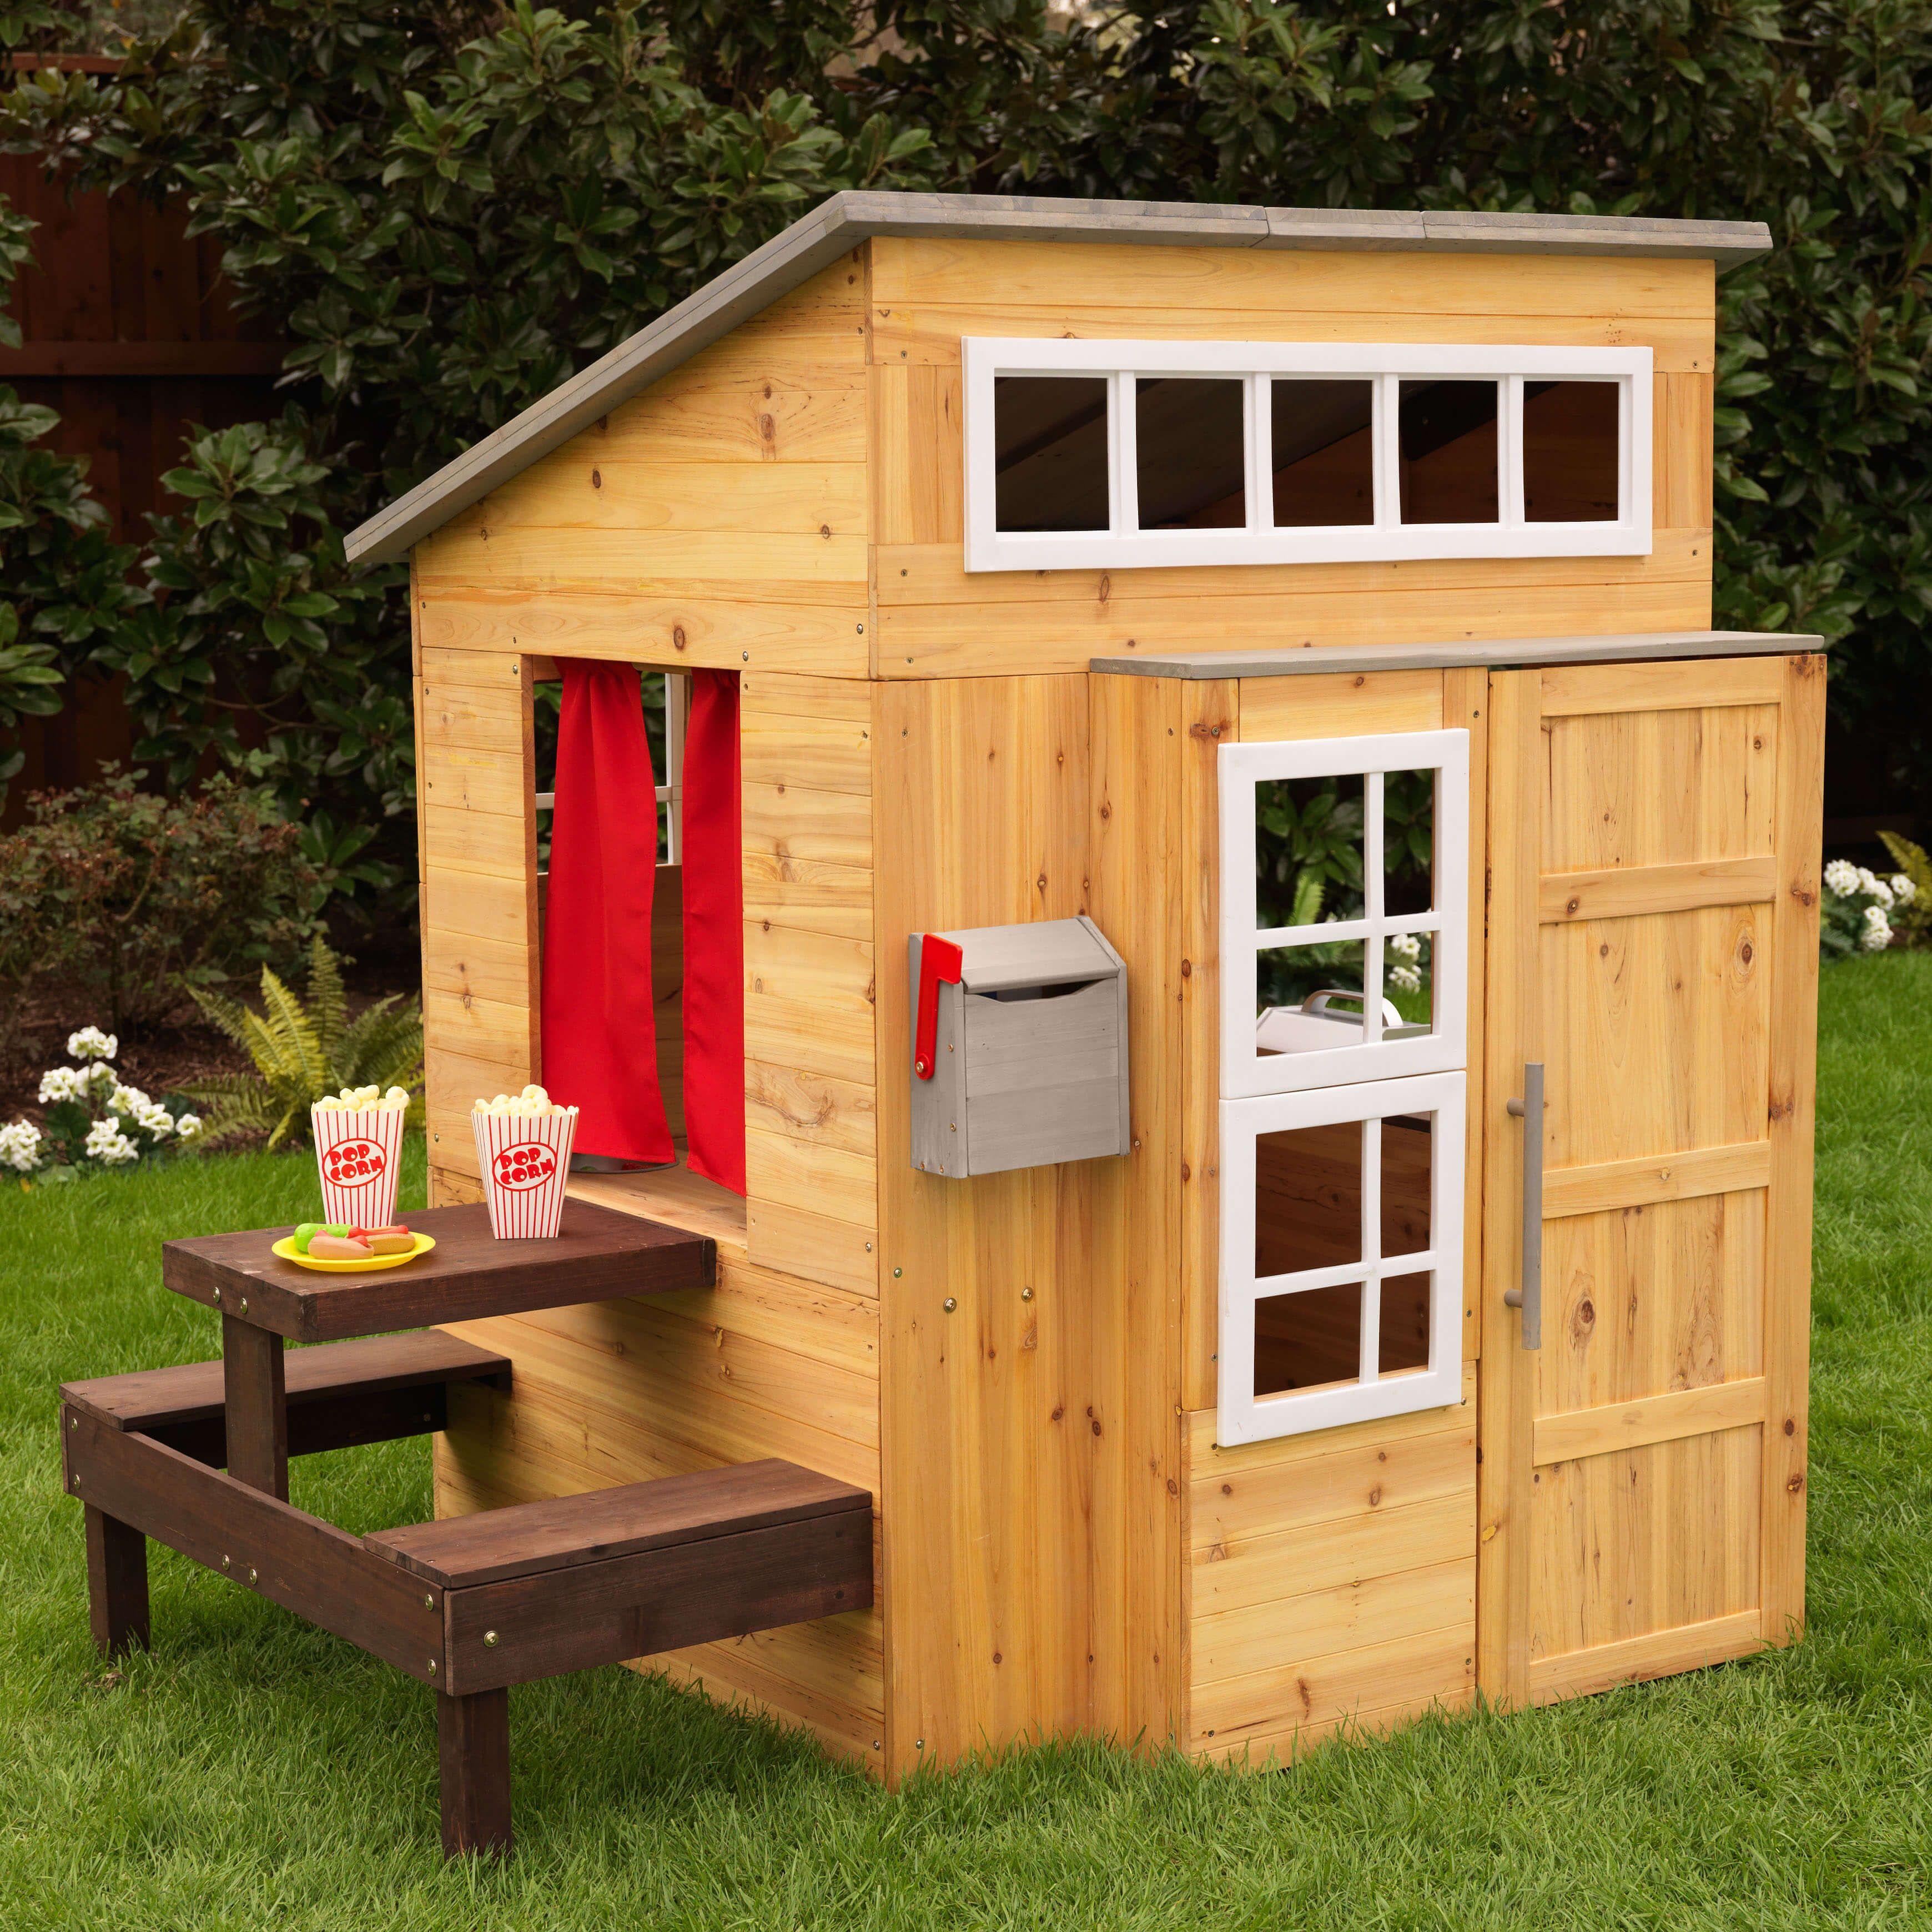 Ideal Dieses super moderne und besondere Spielhaus aus Holz von KidKraft ist der Hingucker in jedem Garten